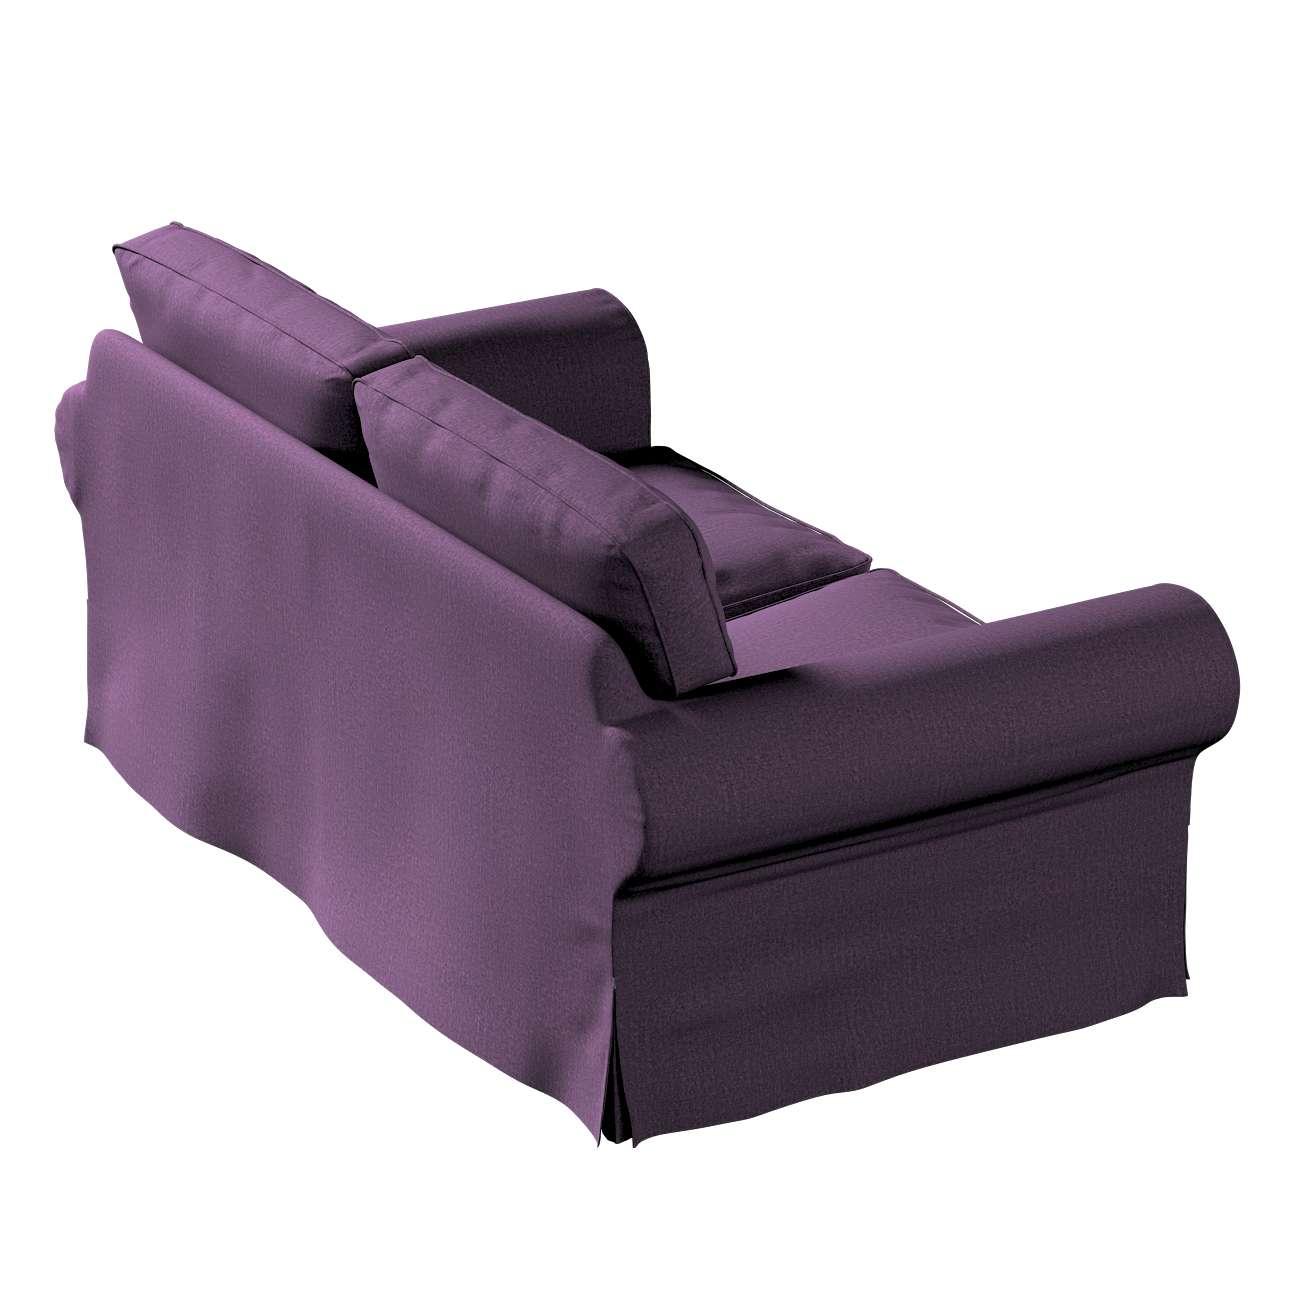 Poťah na sedačku Ektorp (nerozkladá sa, pre 2 osoby) V kolekcii Living, tkanina: 161-67